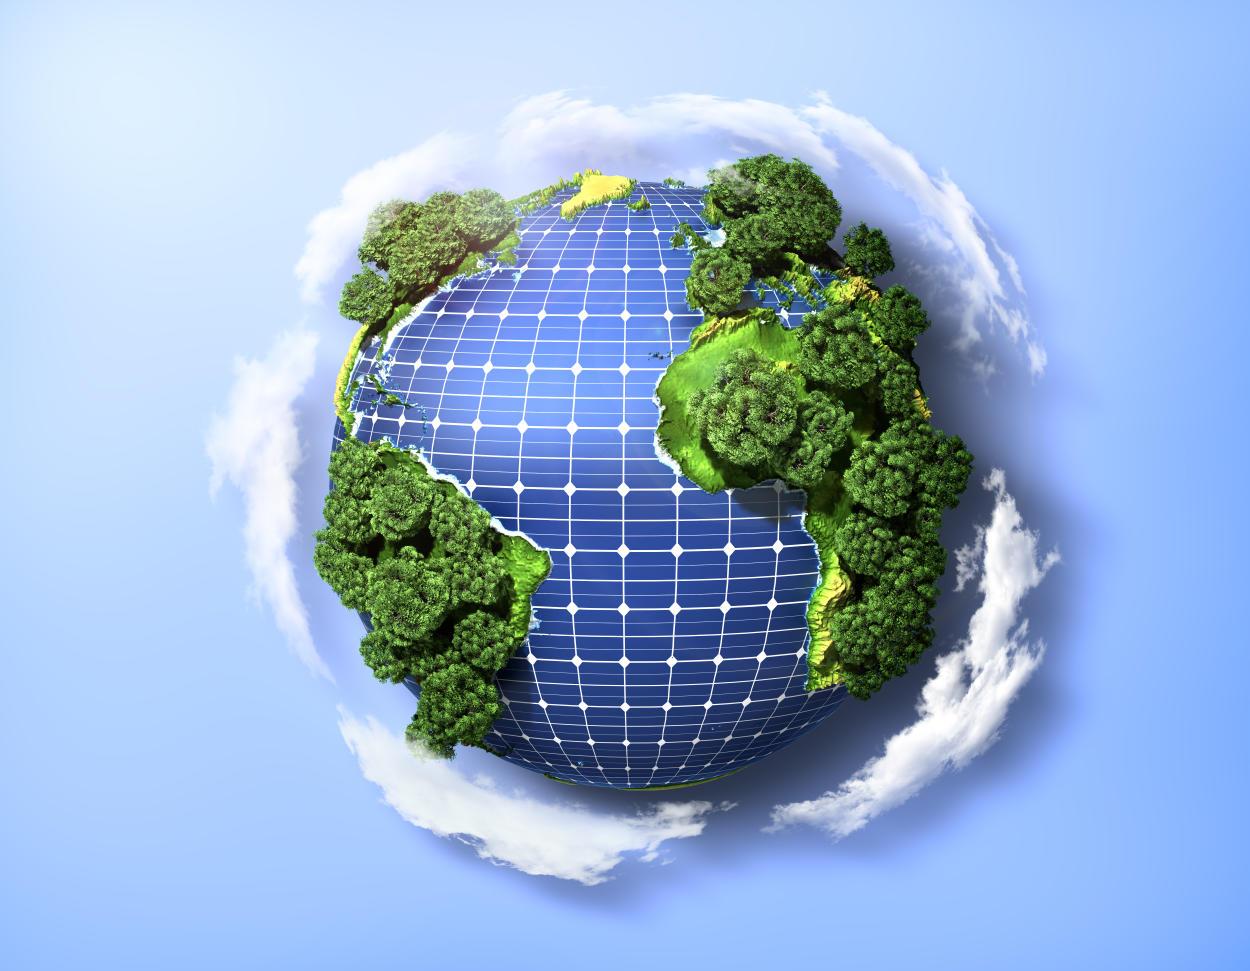 Diseñan una parrilla sustentable que disminuye el impacto ambiental